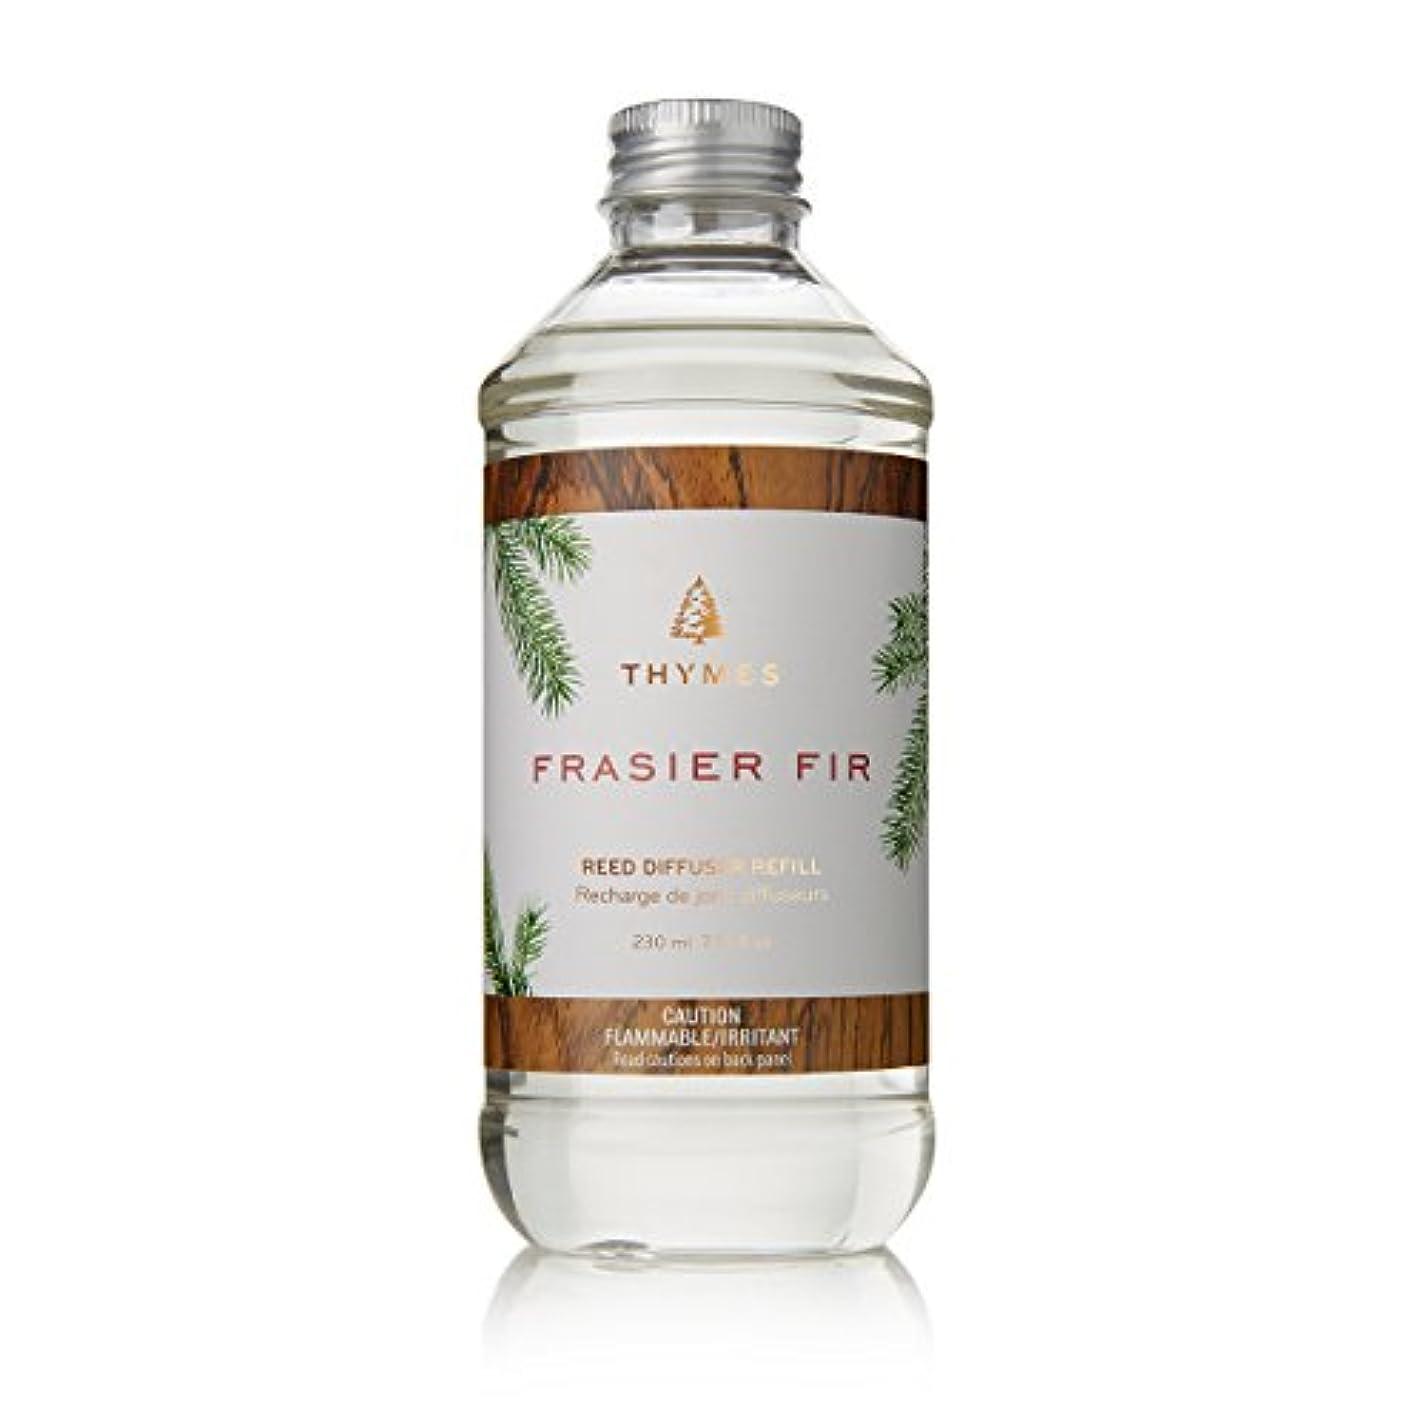 うまくいけば信じる発生器Thymes Fraiser Fir Reed Diffuser Oil Refill, 7.75 fl oz (230ml) by Thymes